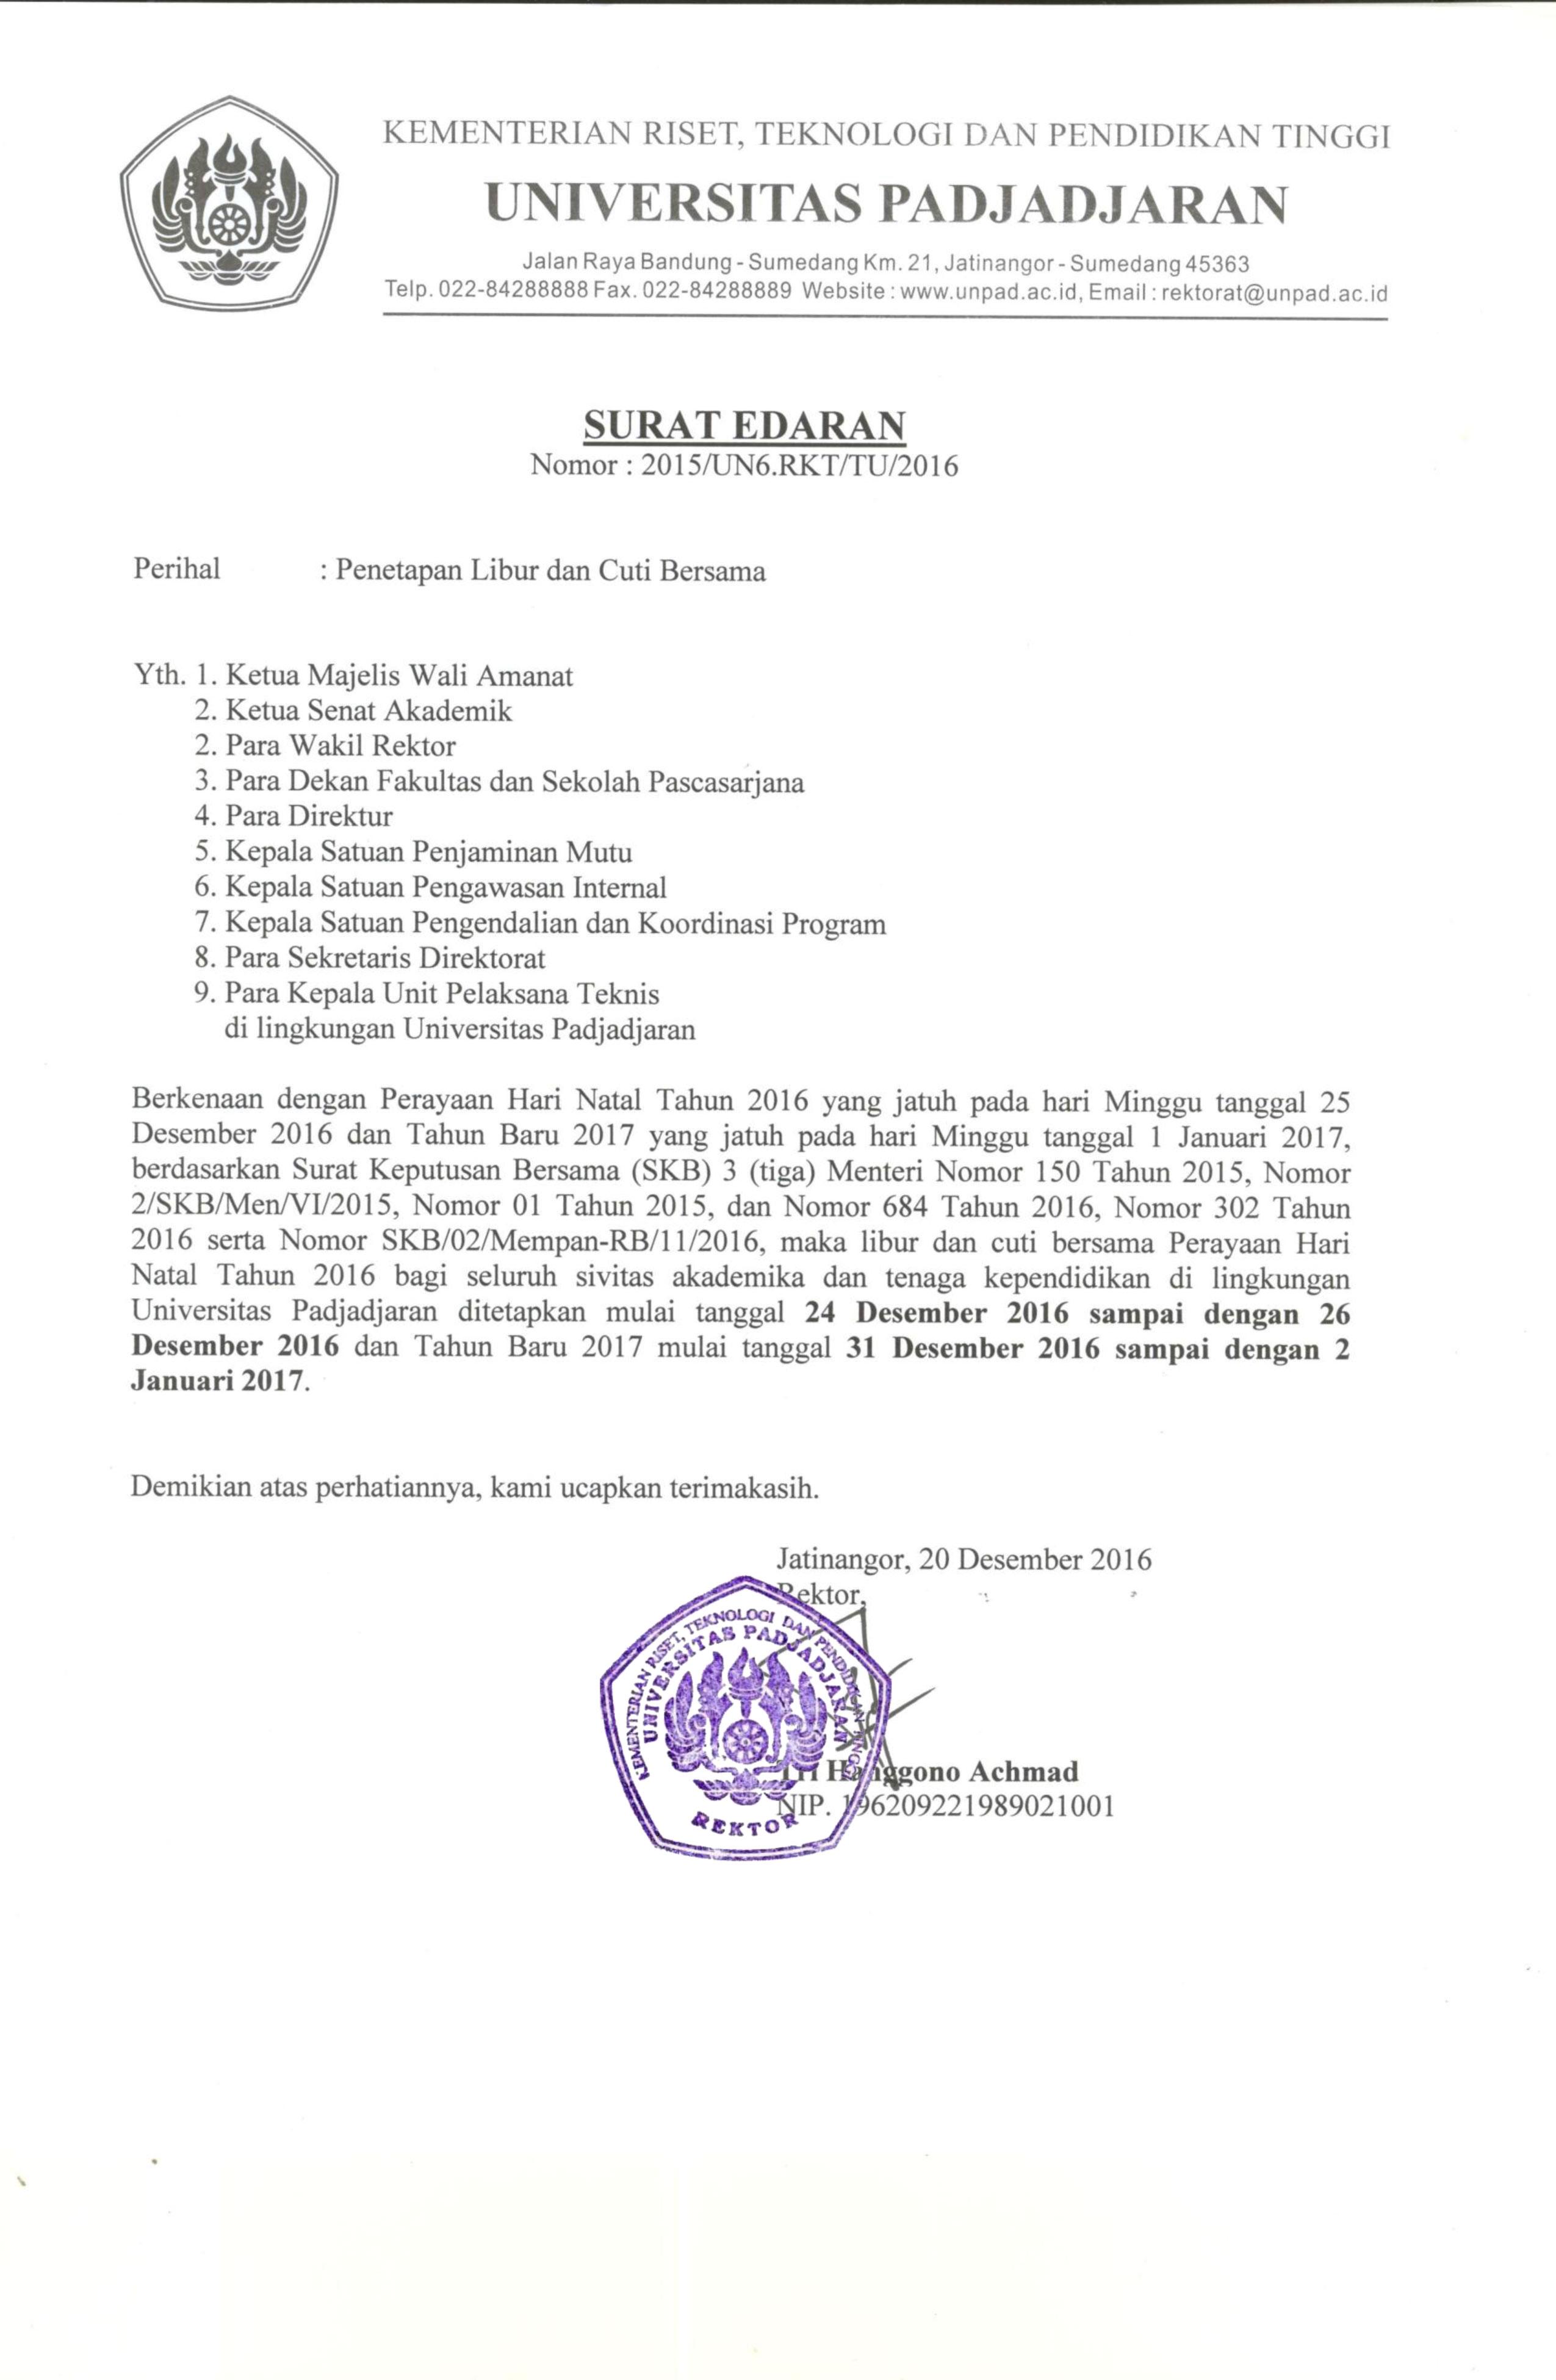 Surat Edaran Penetapan Libur Dan Cuti Bersama Universitas Padjadjaran